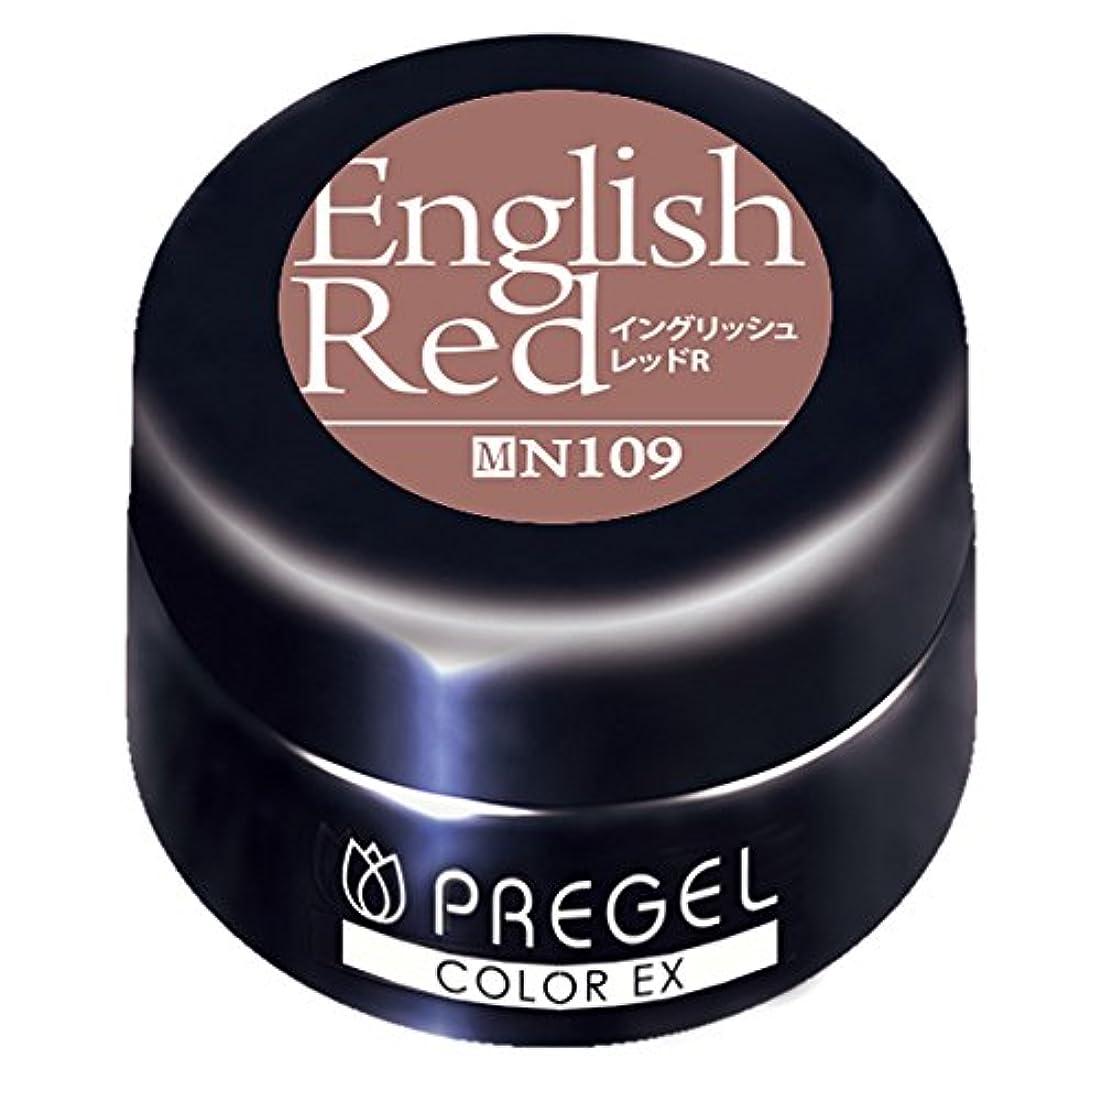 テクトニックワックス再編成するPRE GEL カラージェル カラーEX イングリッシュレッド R109 3g UV/LED対応タイオウ